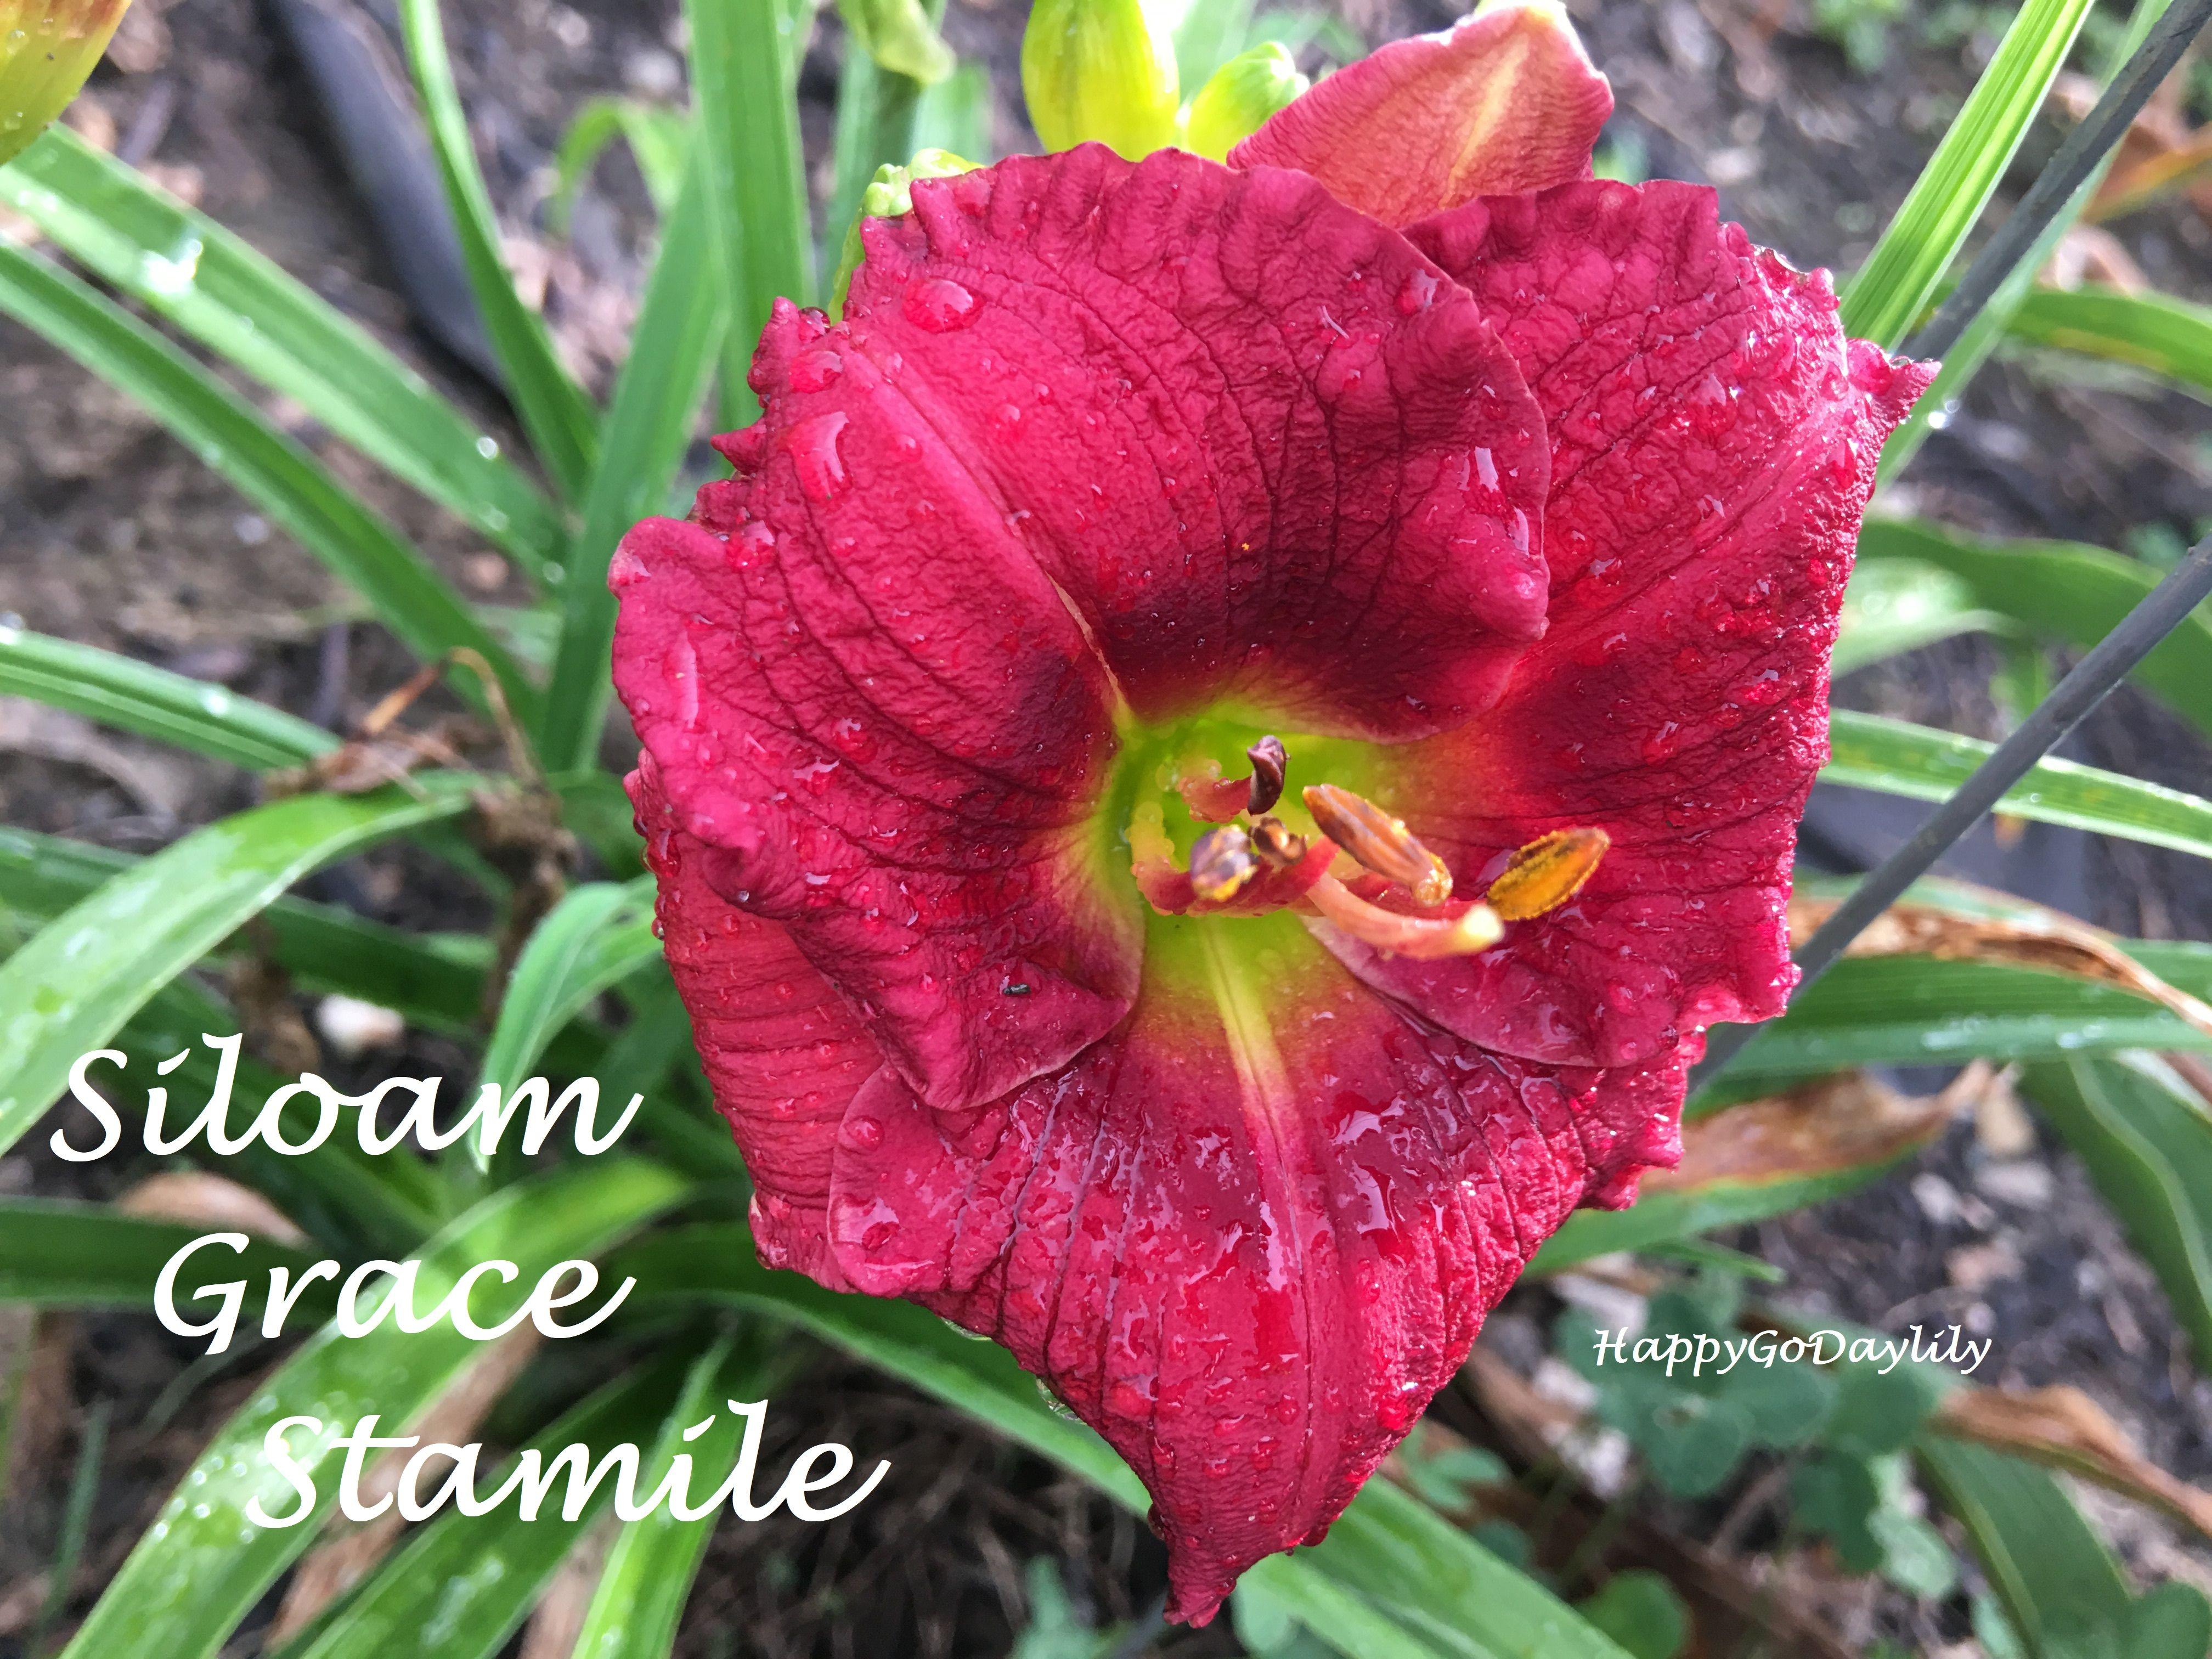 Siloam grace stamile photo by happygodaylily daylilies